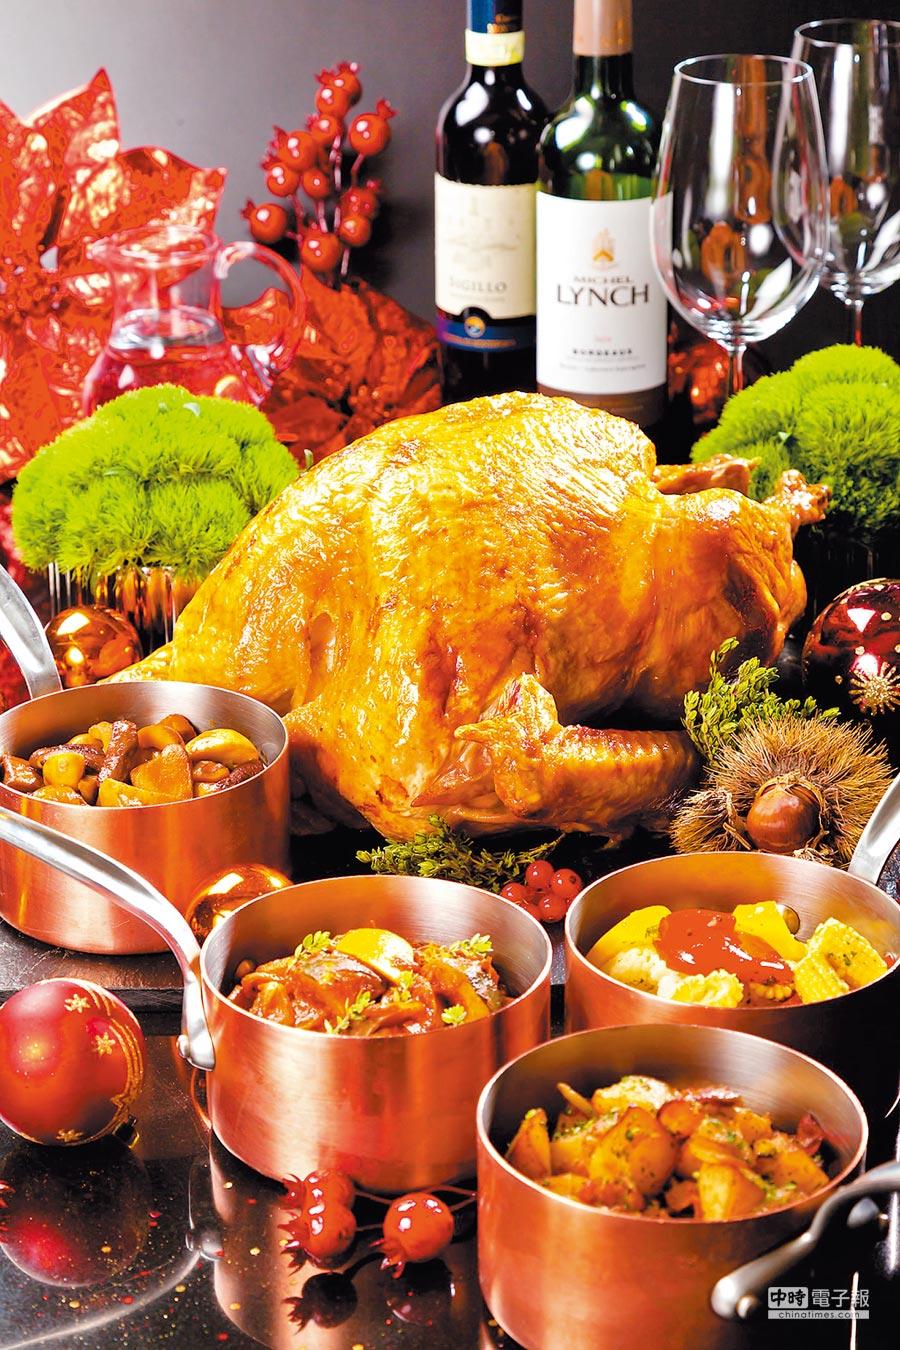 已賣近15年的台北晶華酒店感恩節火雞,出自法籍主廚之手研發。(台北晶華酒店提供)